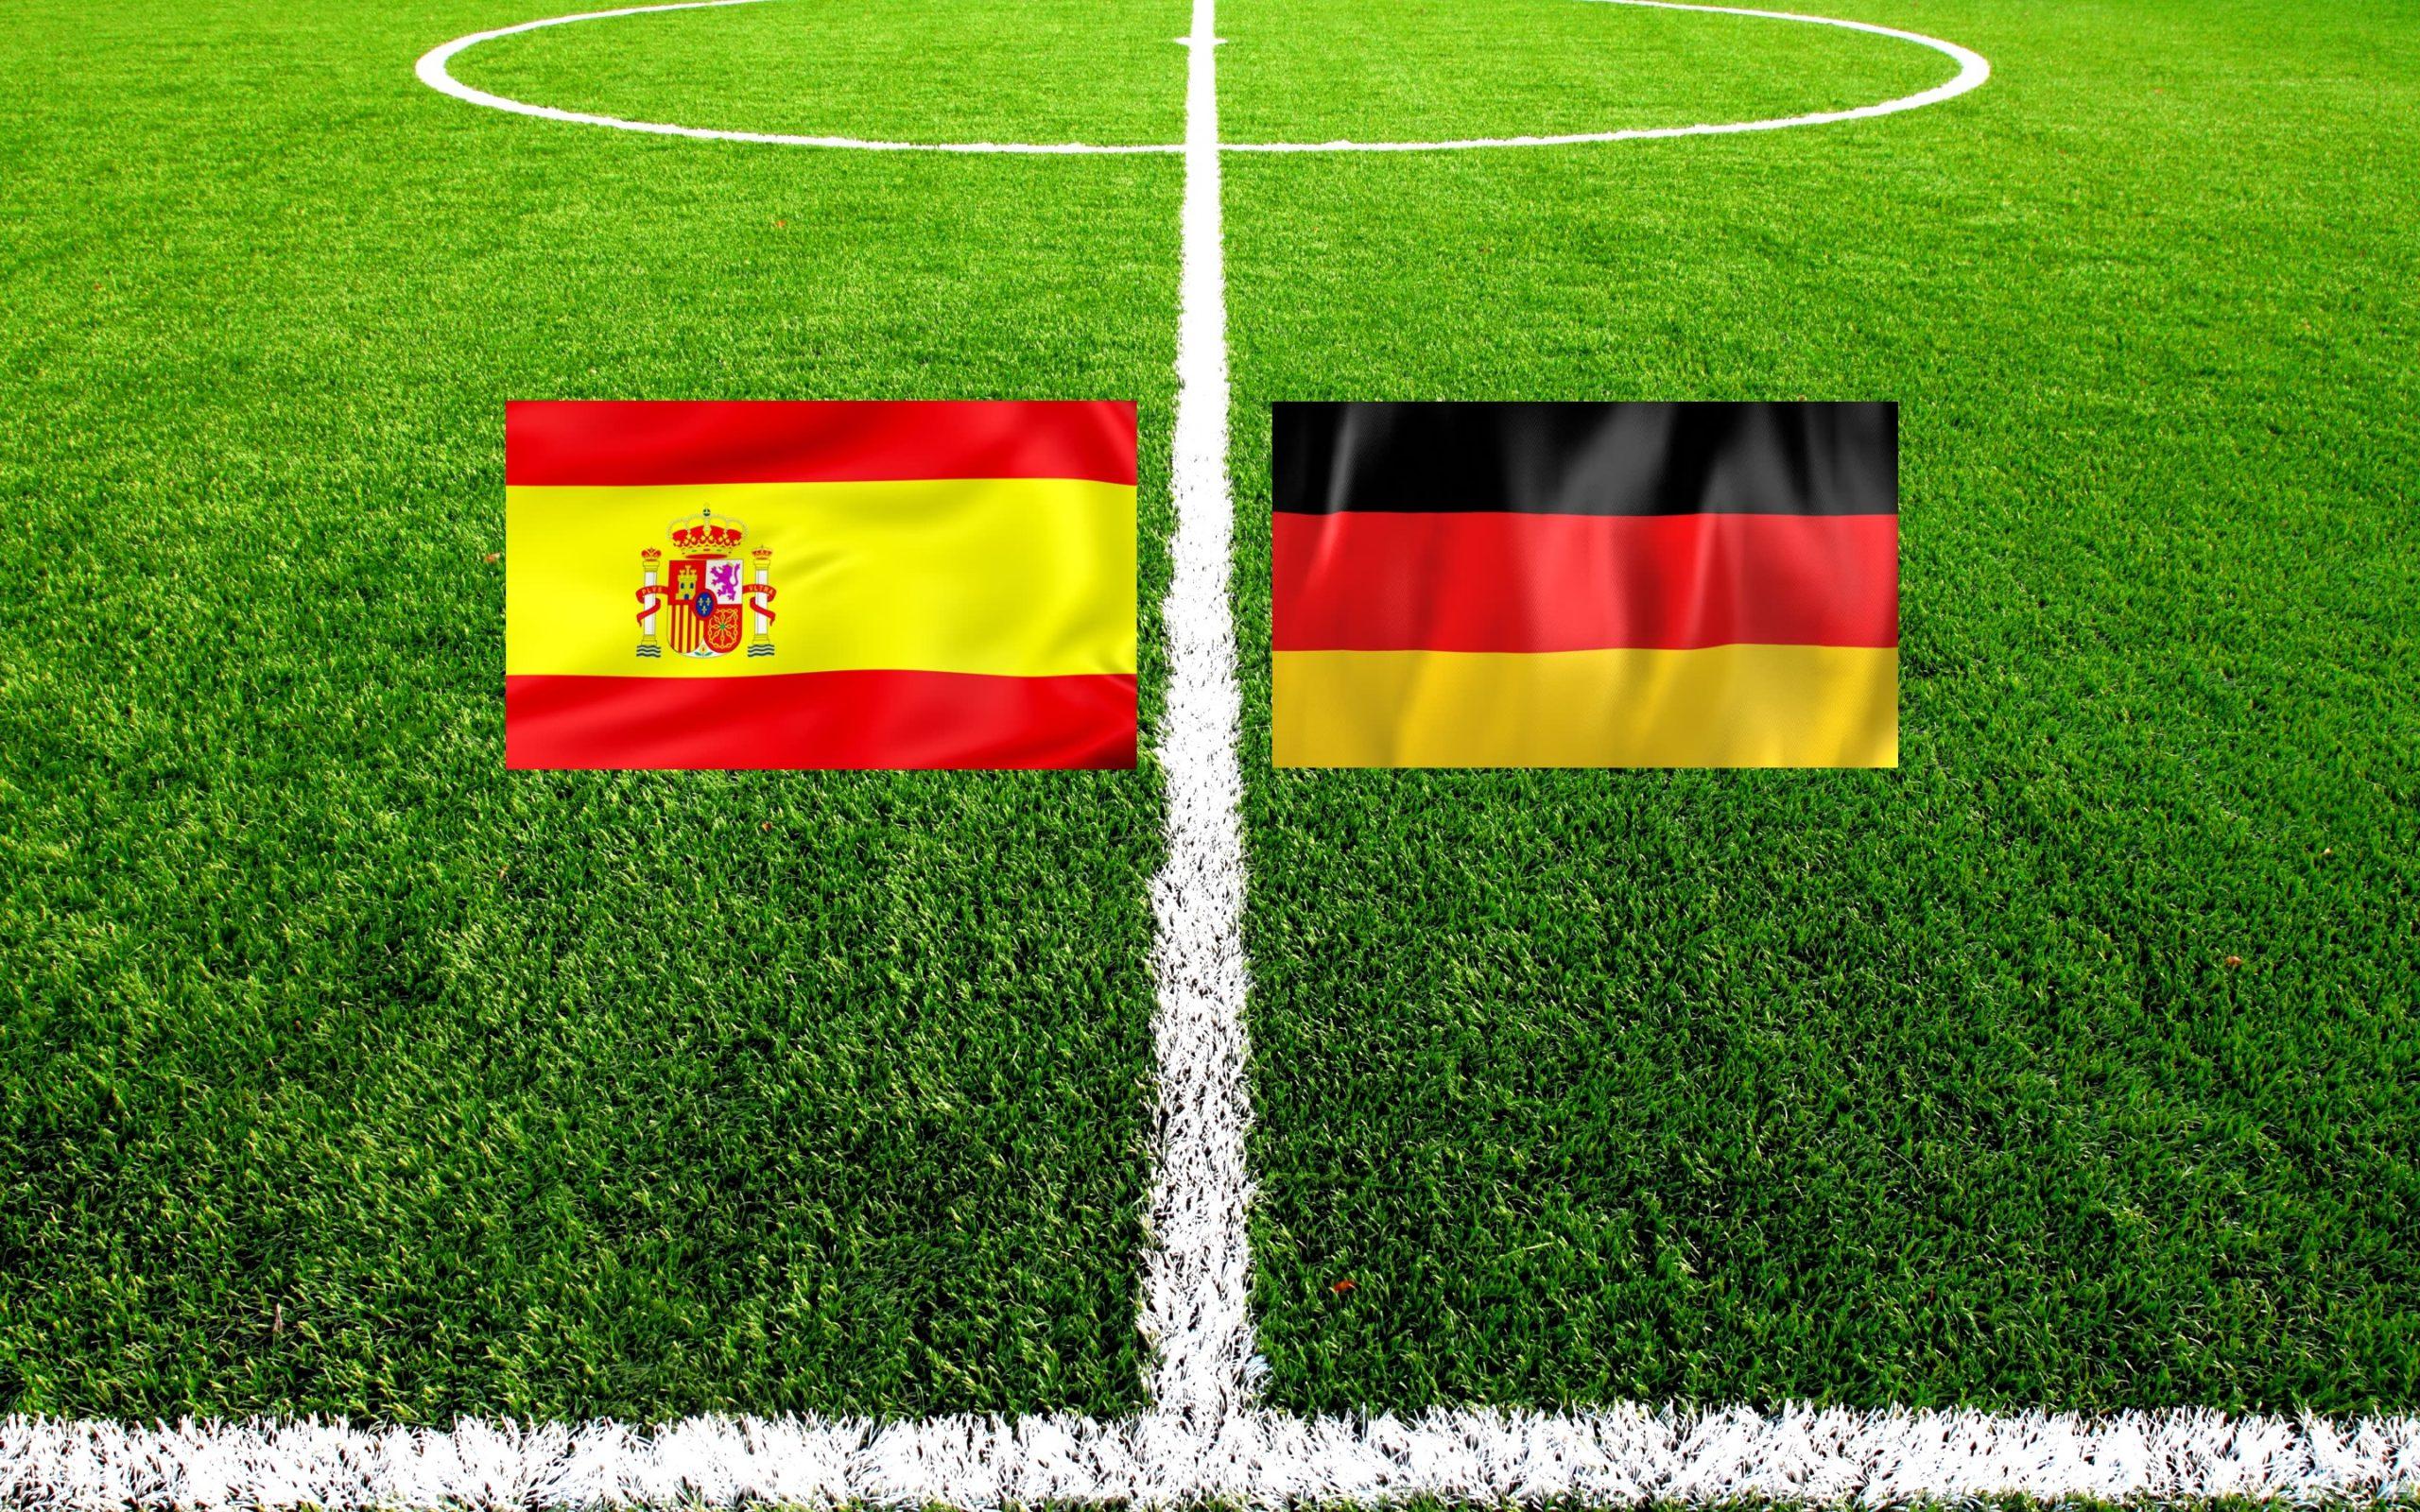 ispaniya-germaniya-17-11-2020-video-obzor